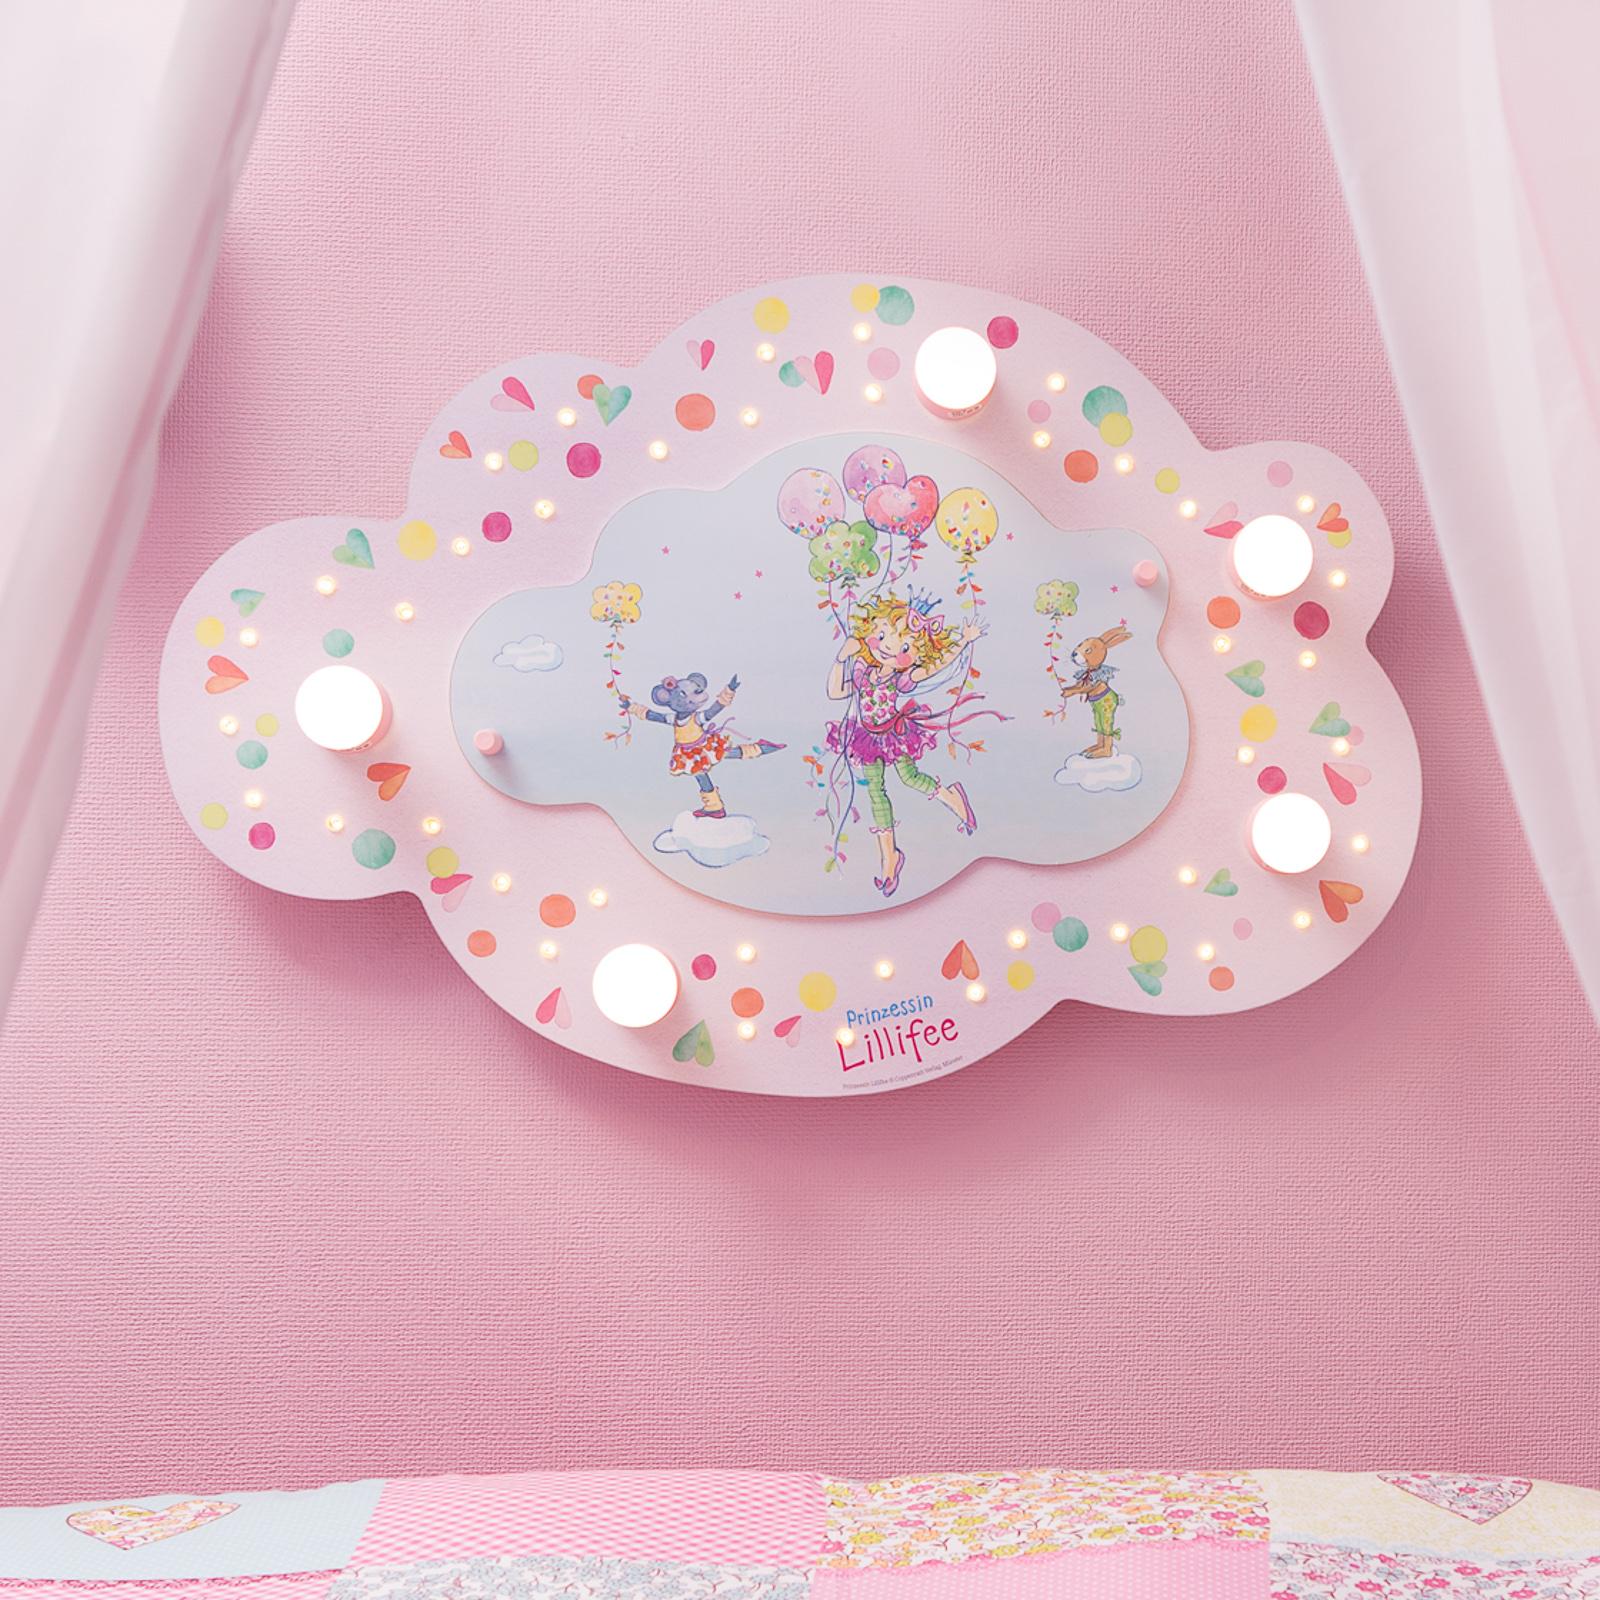 Taklampa prinsessan Lillifee med LED-lampor moln